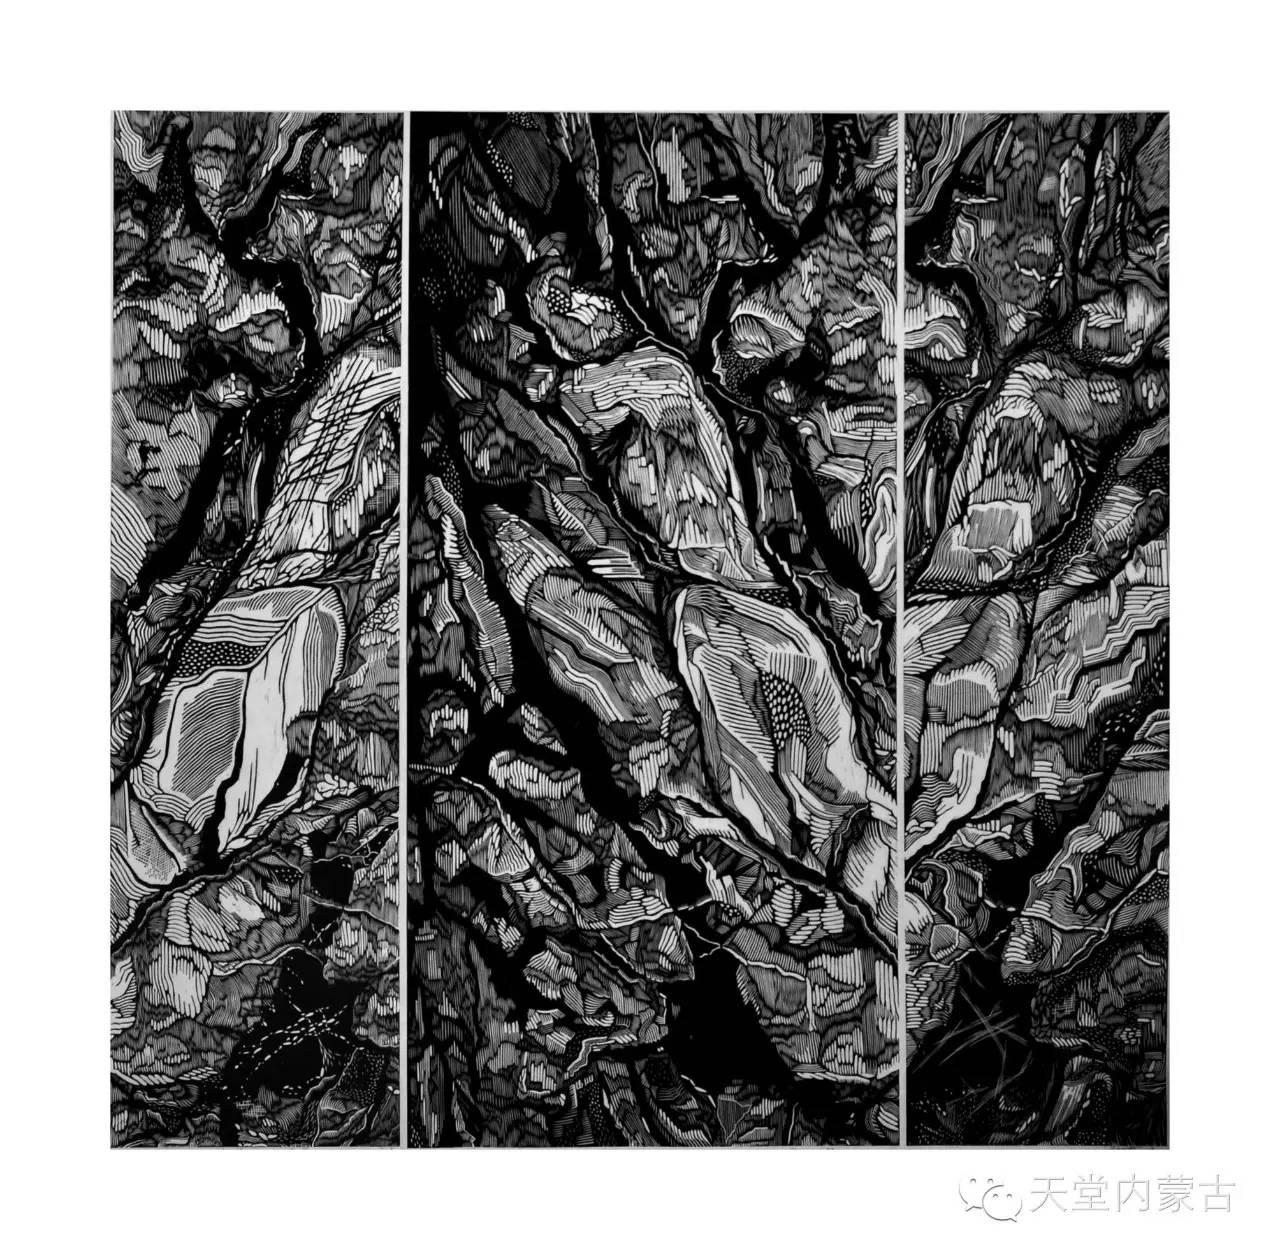 🔴内蒙古青年画家前德门作品 第8张 🔴内蒙古青年画家前德门作品 蒙古画廊